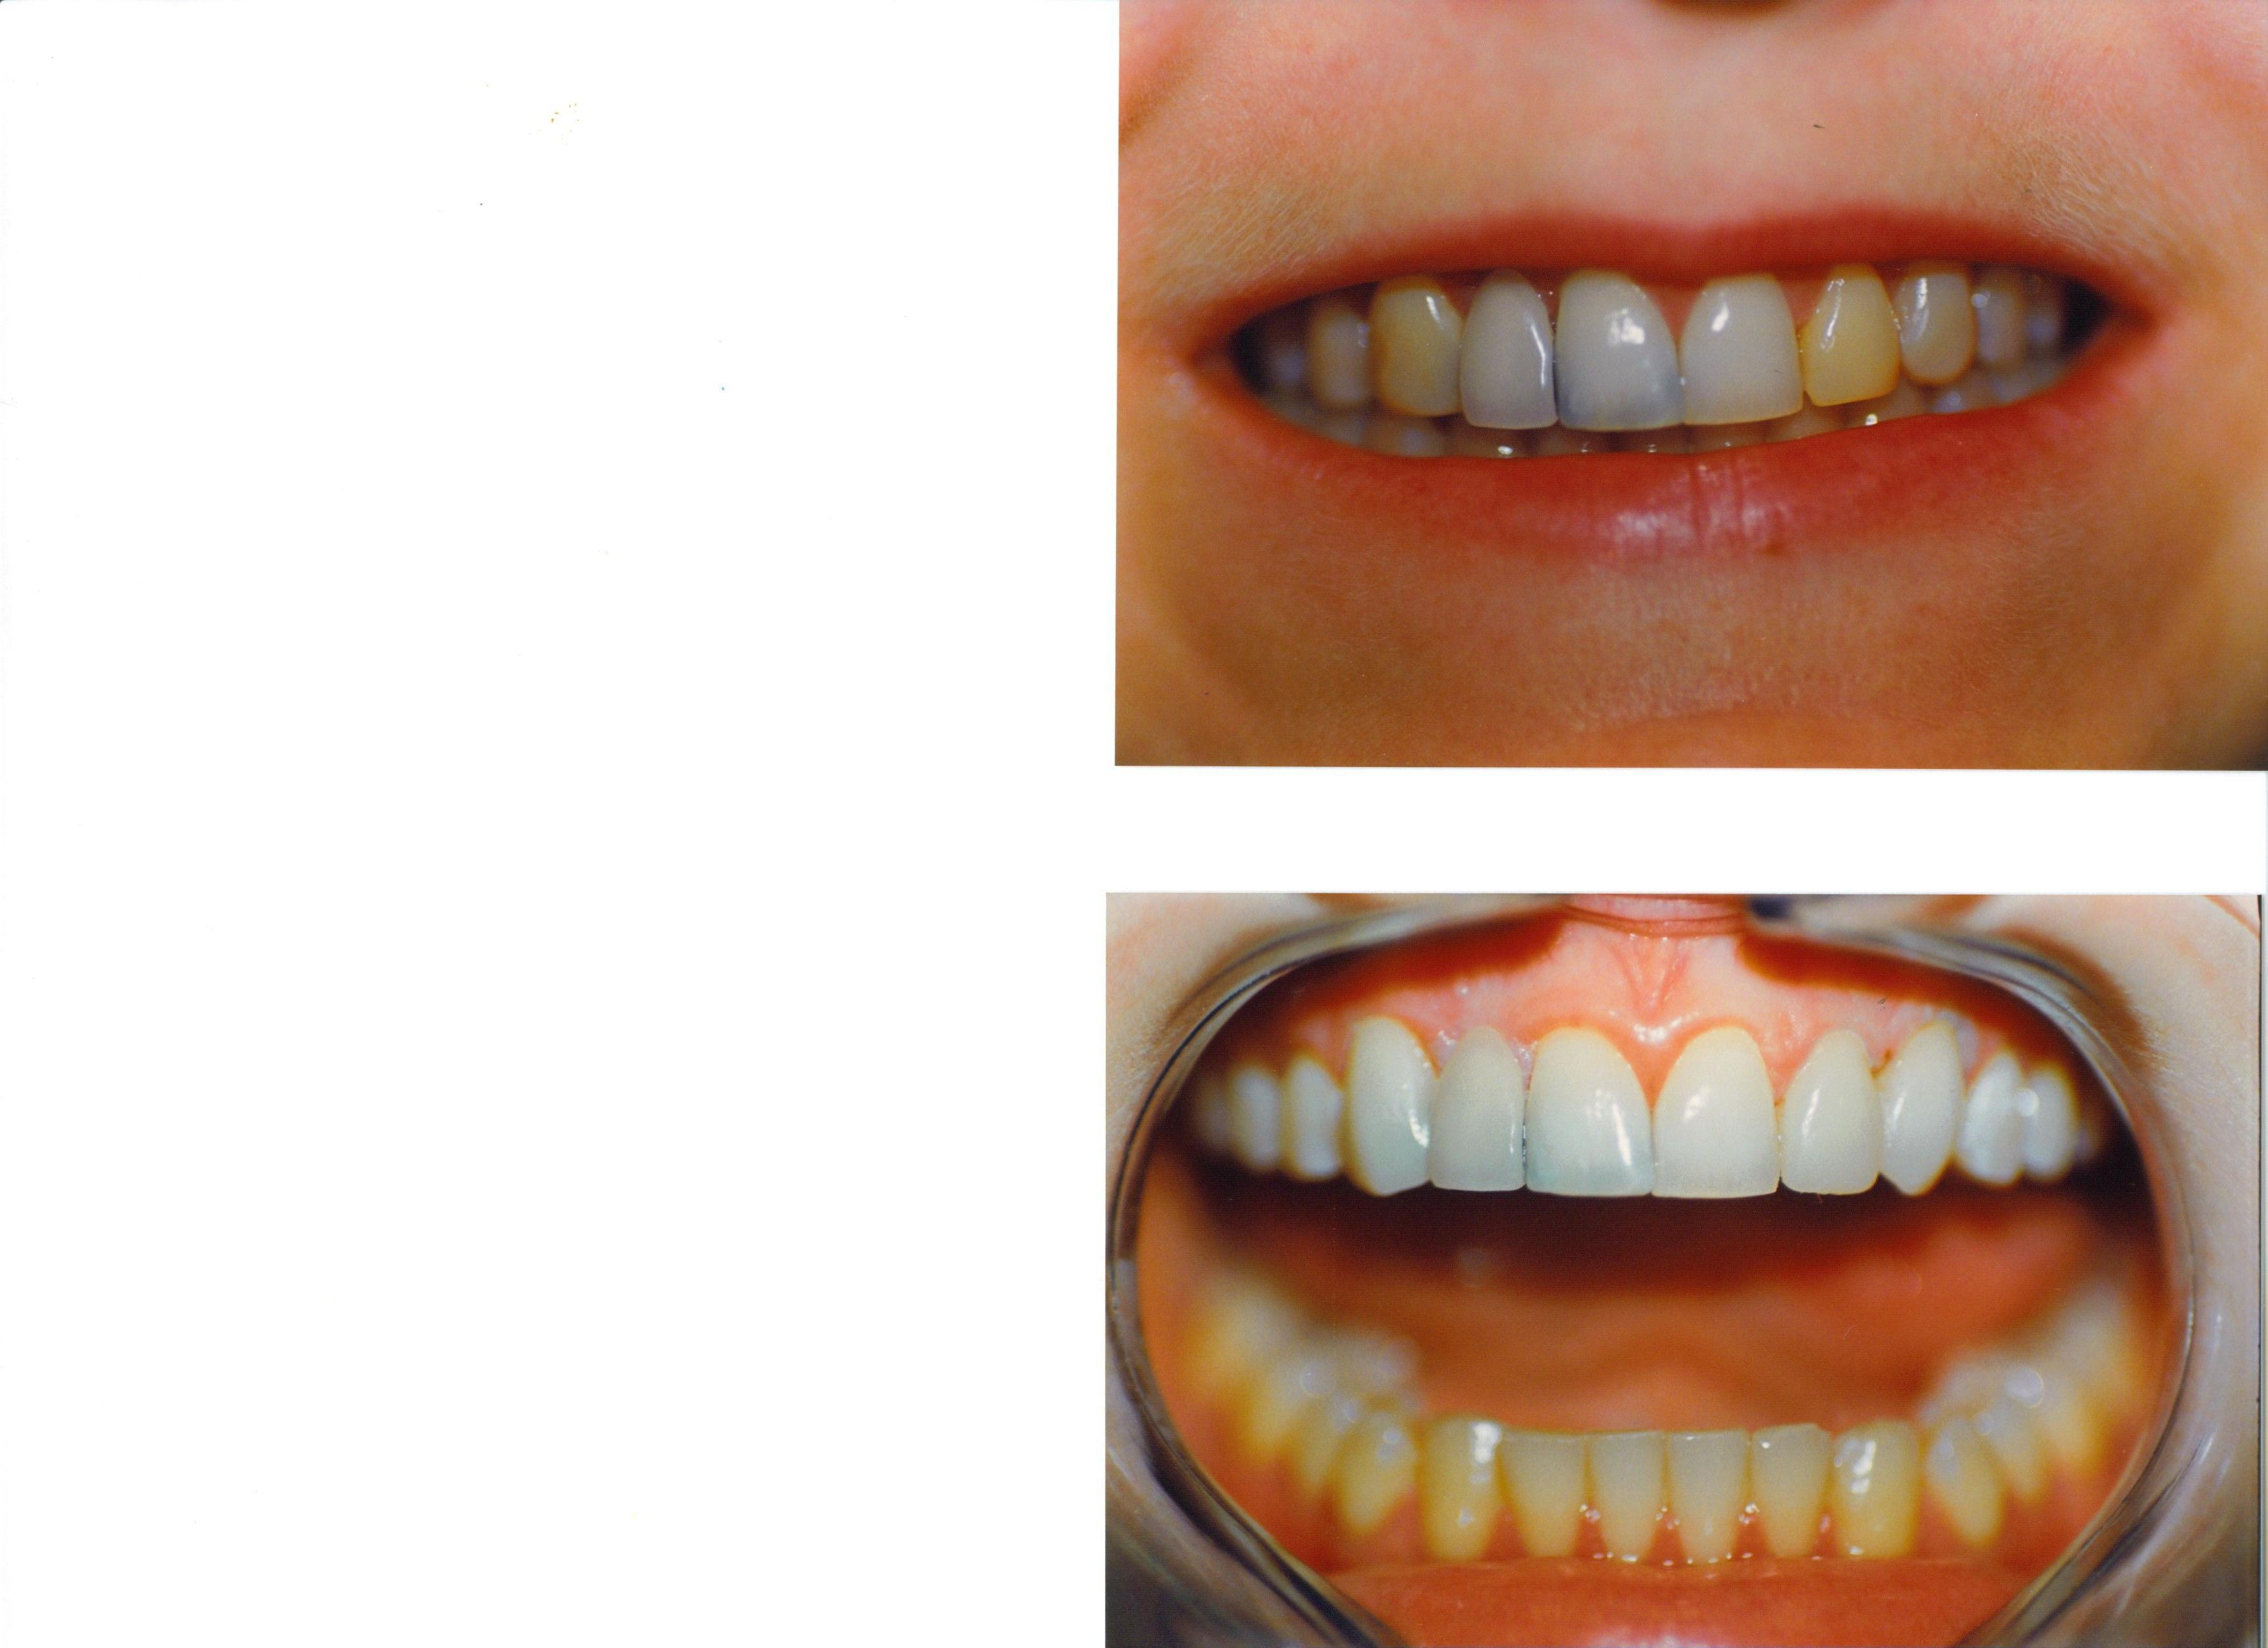 Accessible Cosmetic Dentistry Veneers #toothpaste